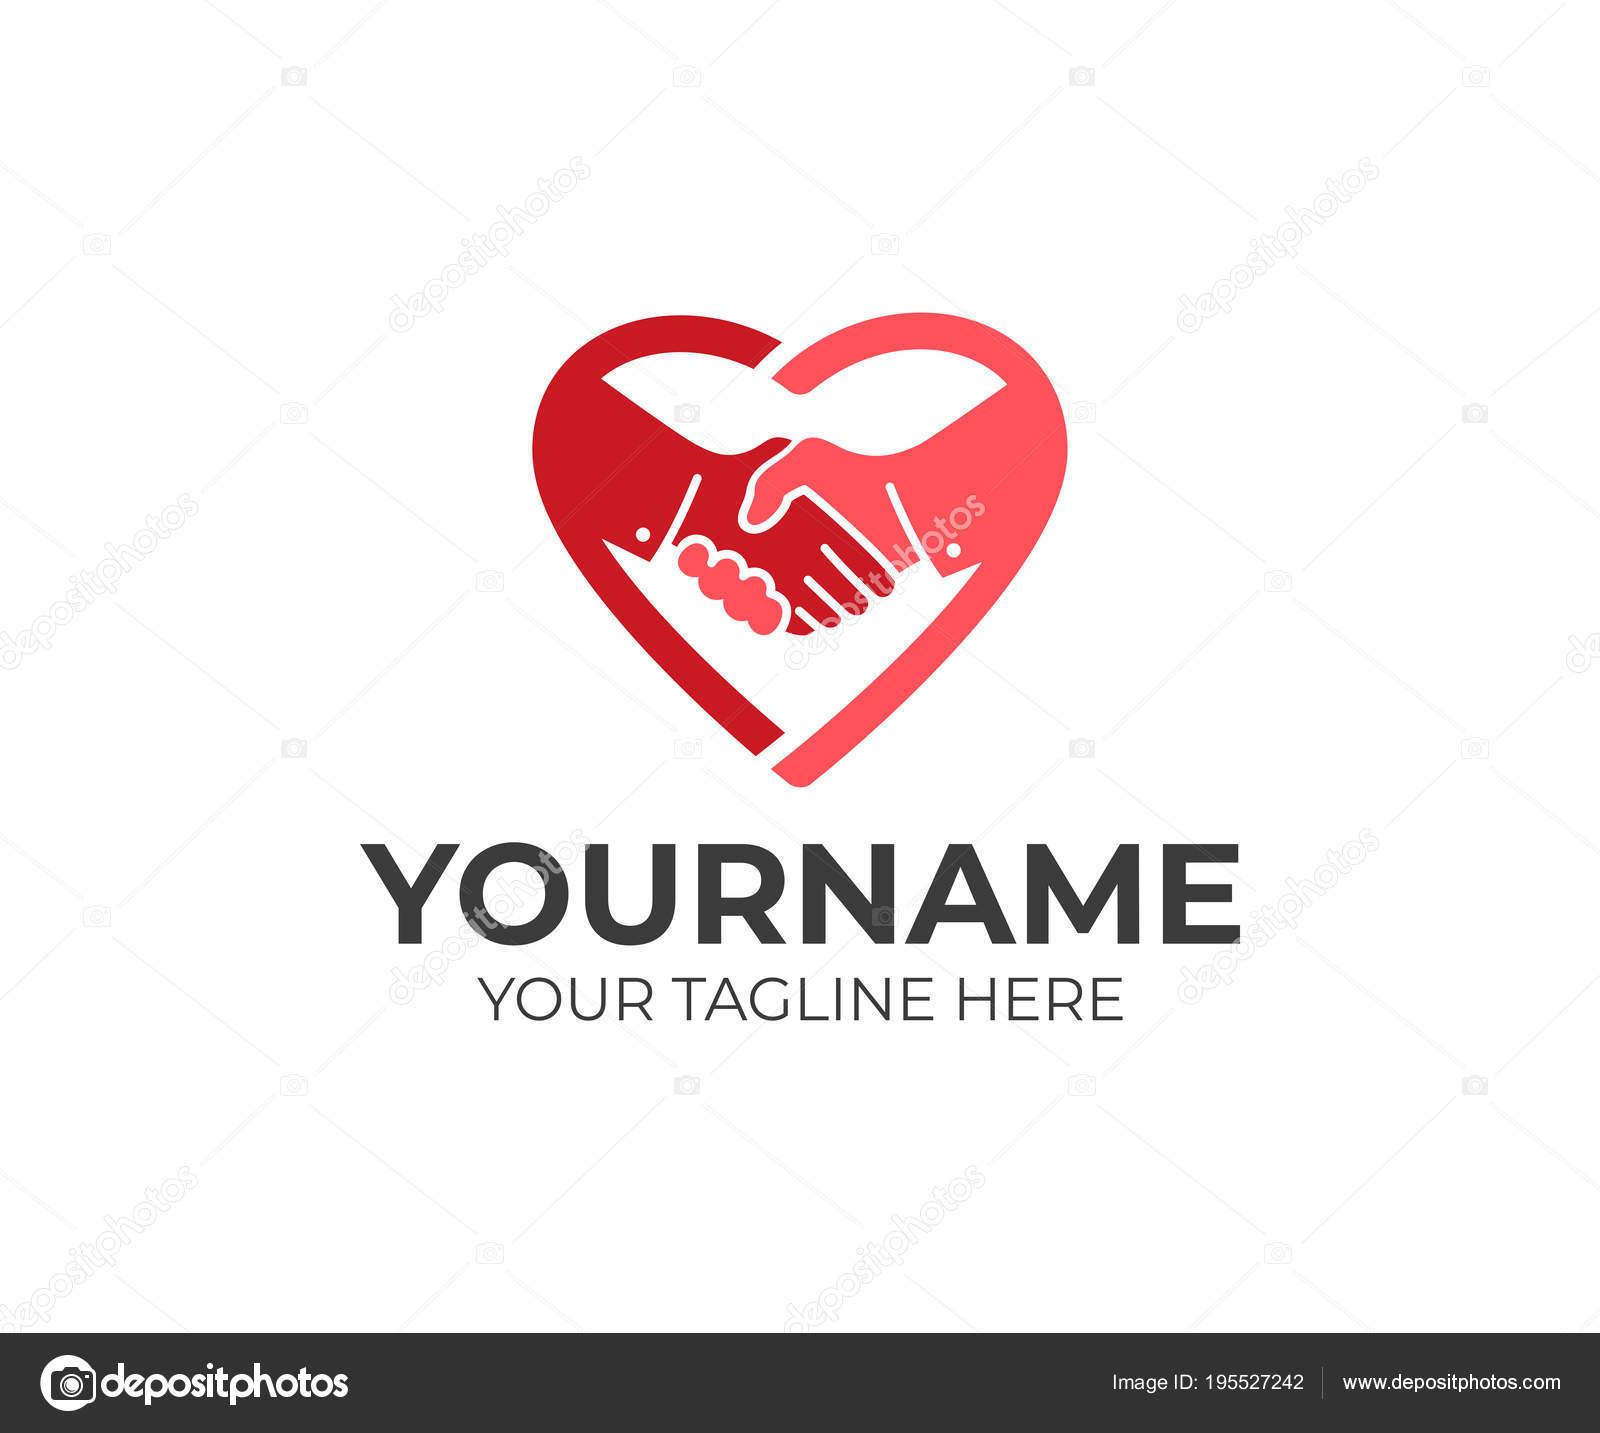 1011170c3bf0 Рукопожатие Сердце Логотип Шаблонов Дружбы Доверия Здравоохранения ...